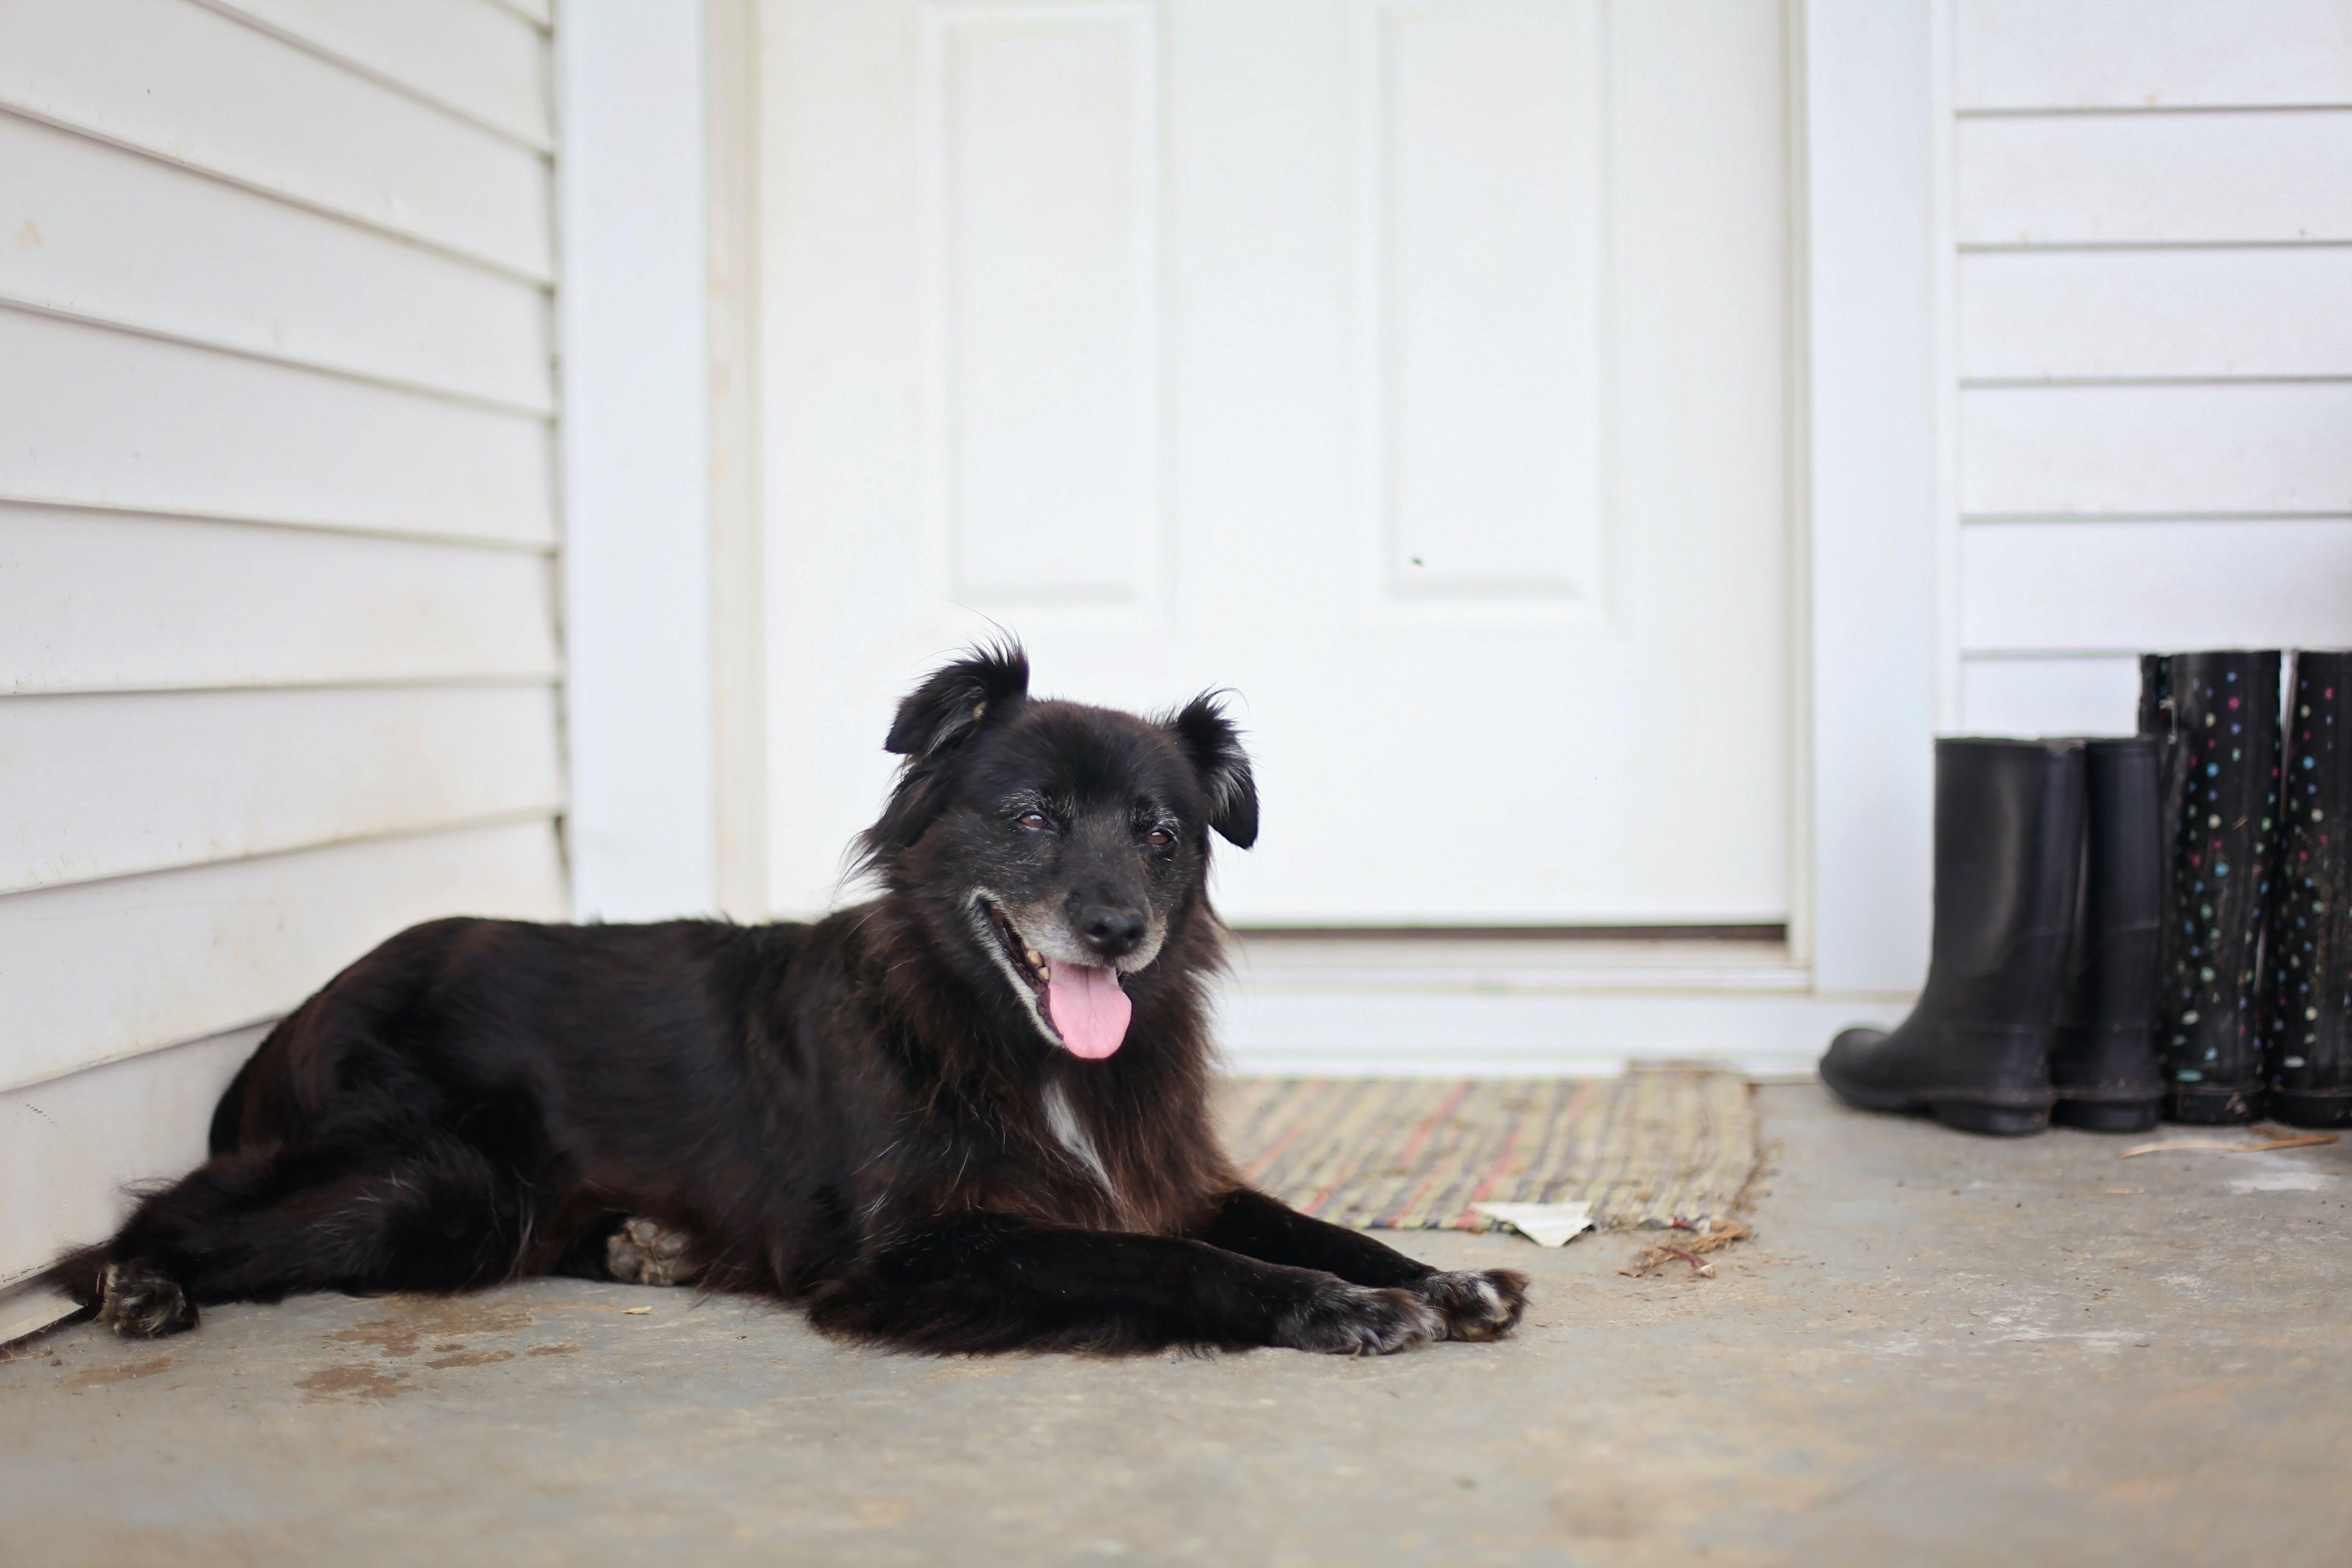 Medium-coated Black Dog Lying on Floor Near Door